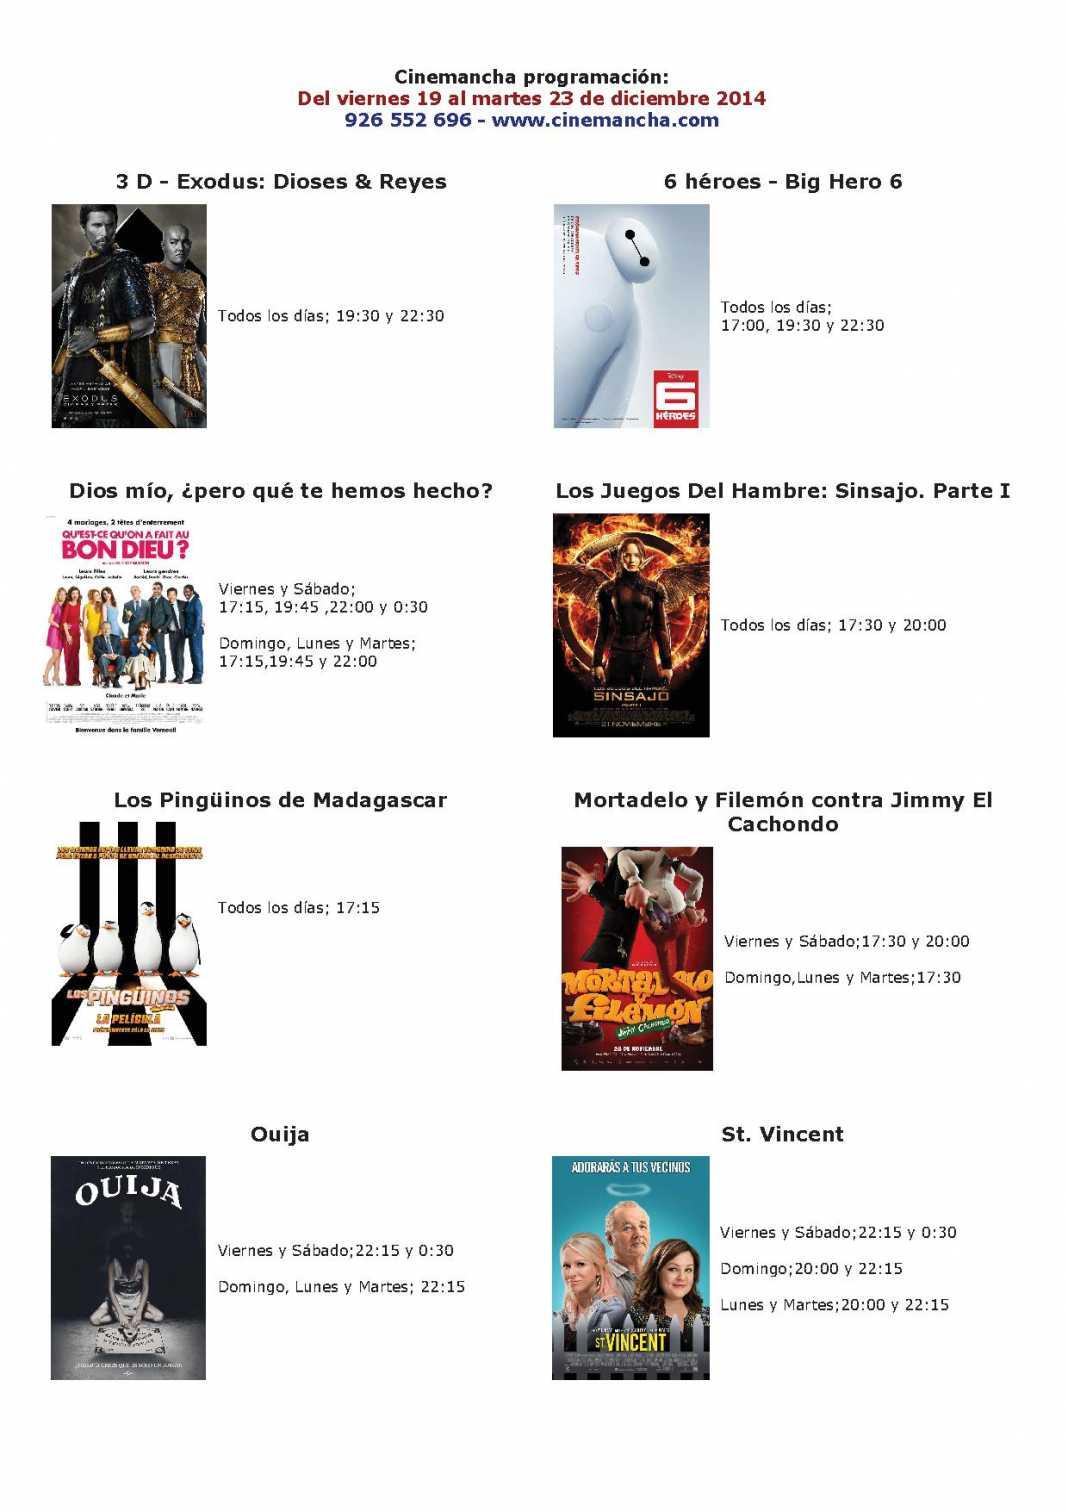 Cinemancha programación: Del viernes 19 al martes 23 de diciembre 2014 1